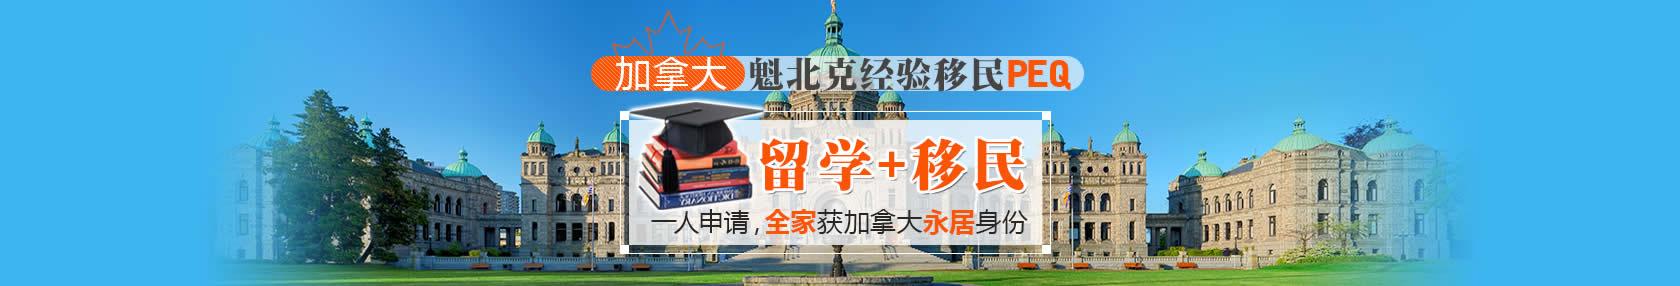 环球移民加拿大魁北克省经验移民(PEQ),一人申请全家获加拿大永居身份